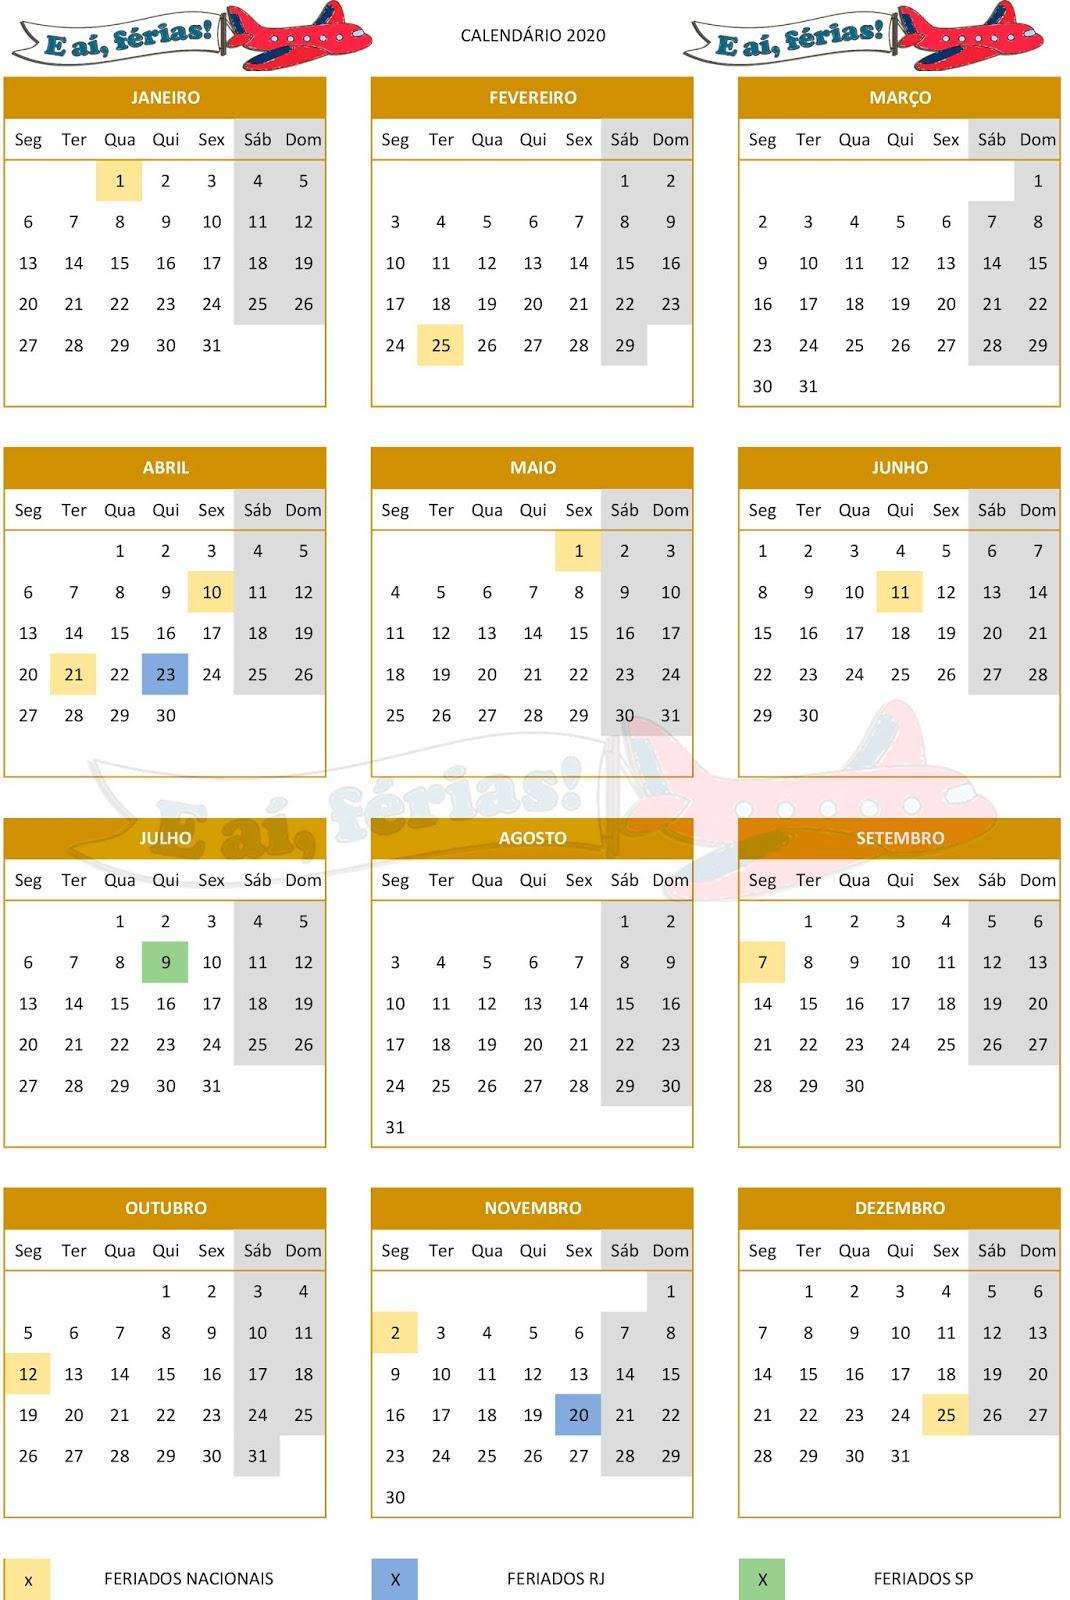 Calendario 2020 com feriados nacionais